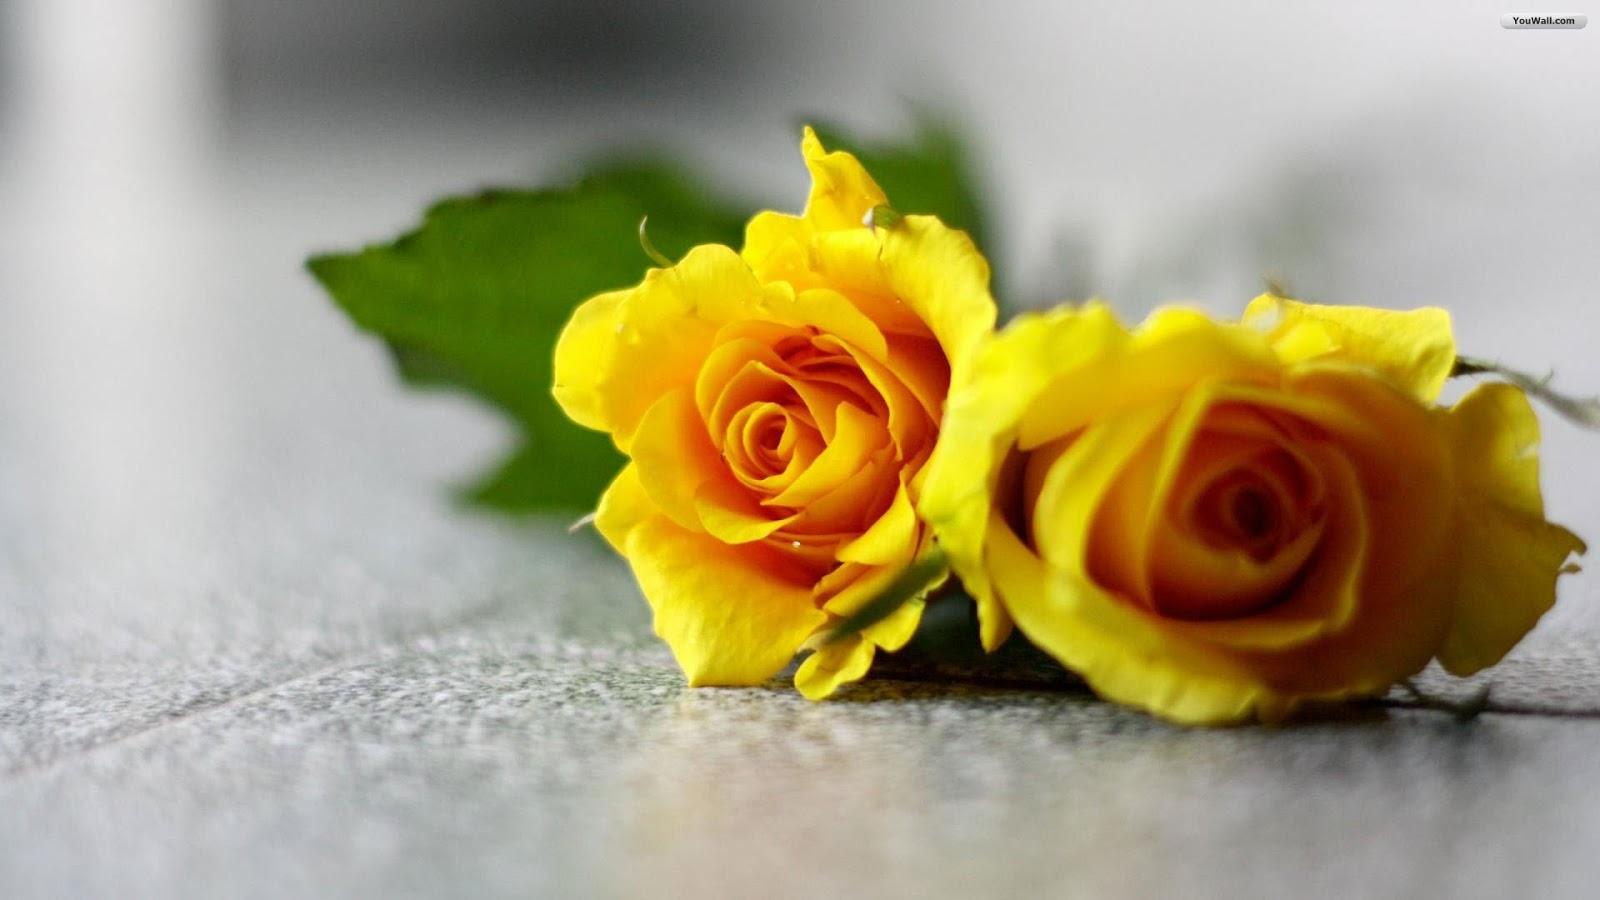 45 hình nền hoa hồng vàng đẹp mê ly nhìn mê ngay